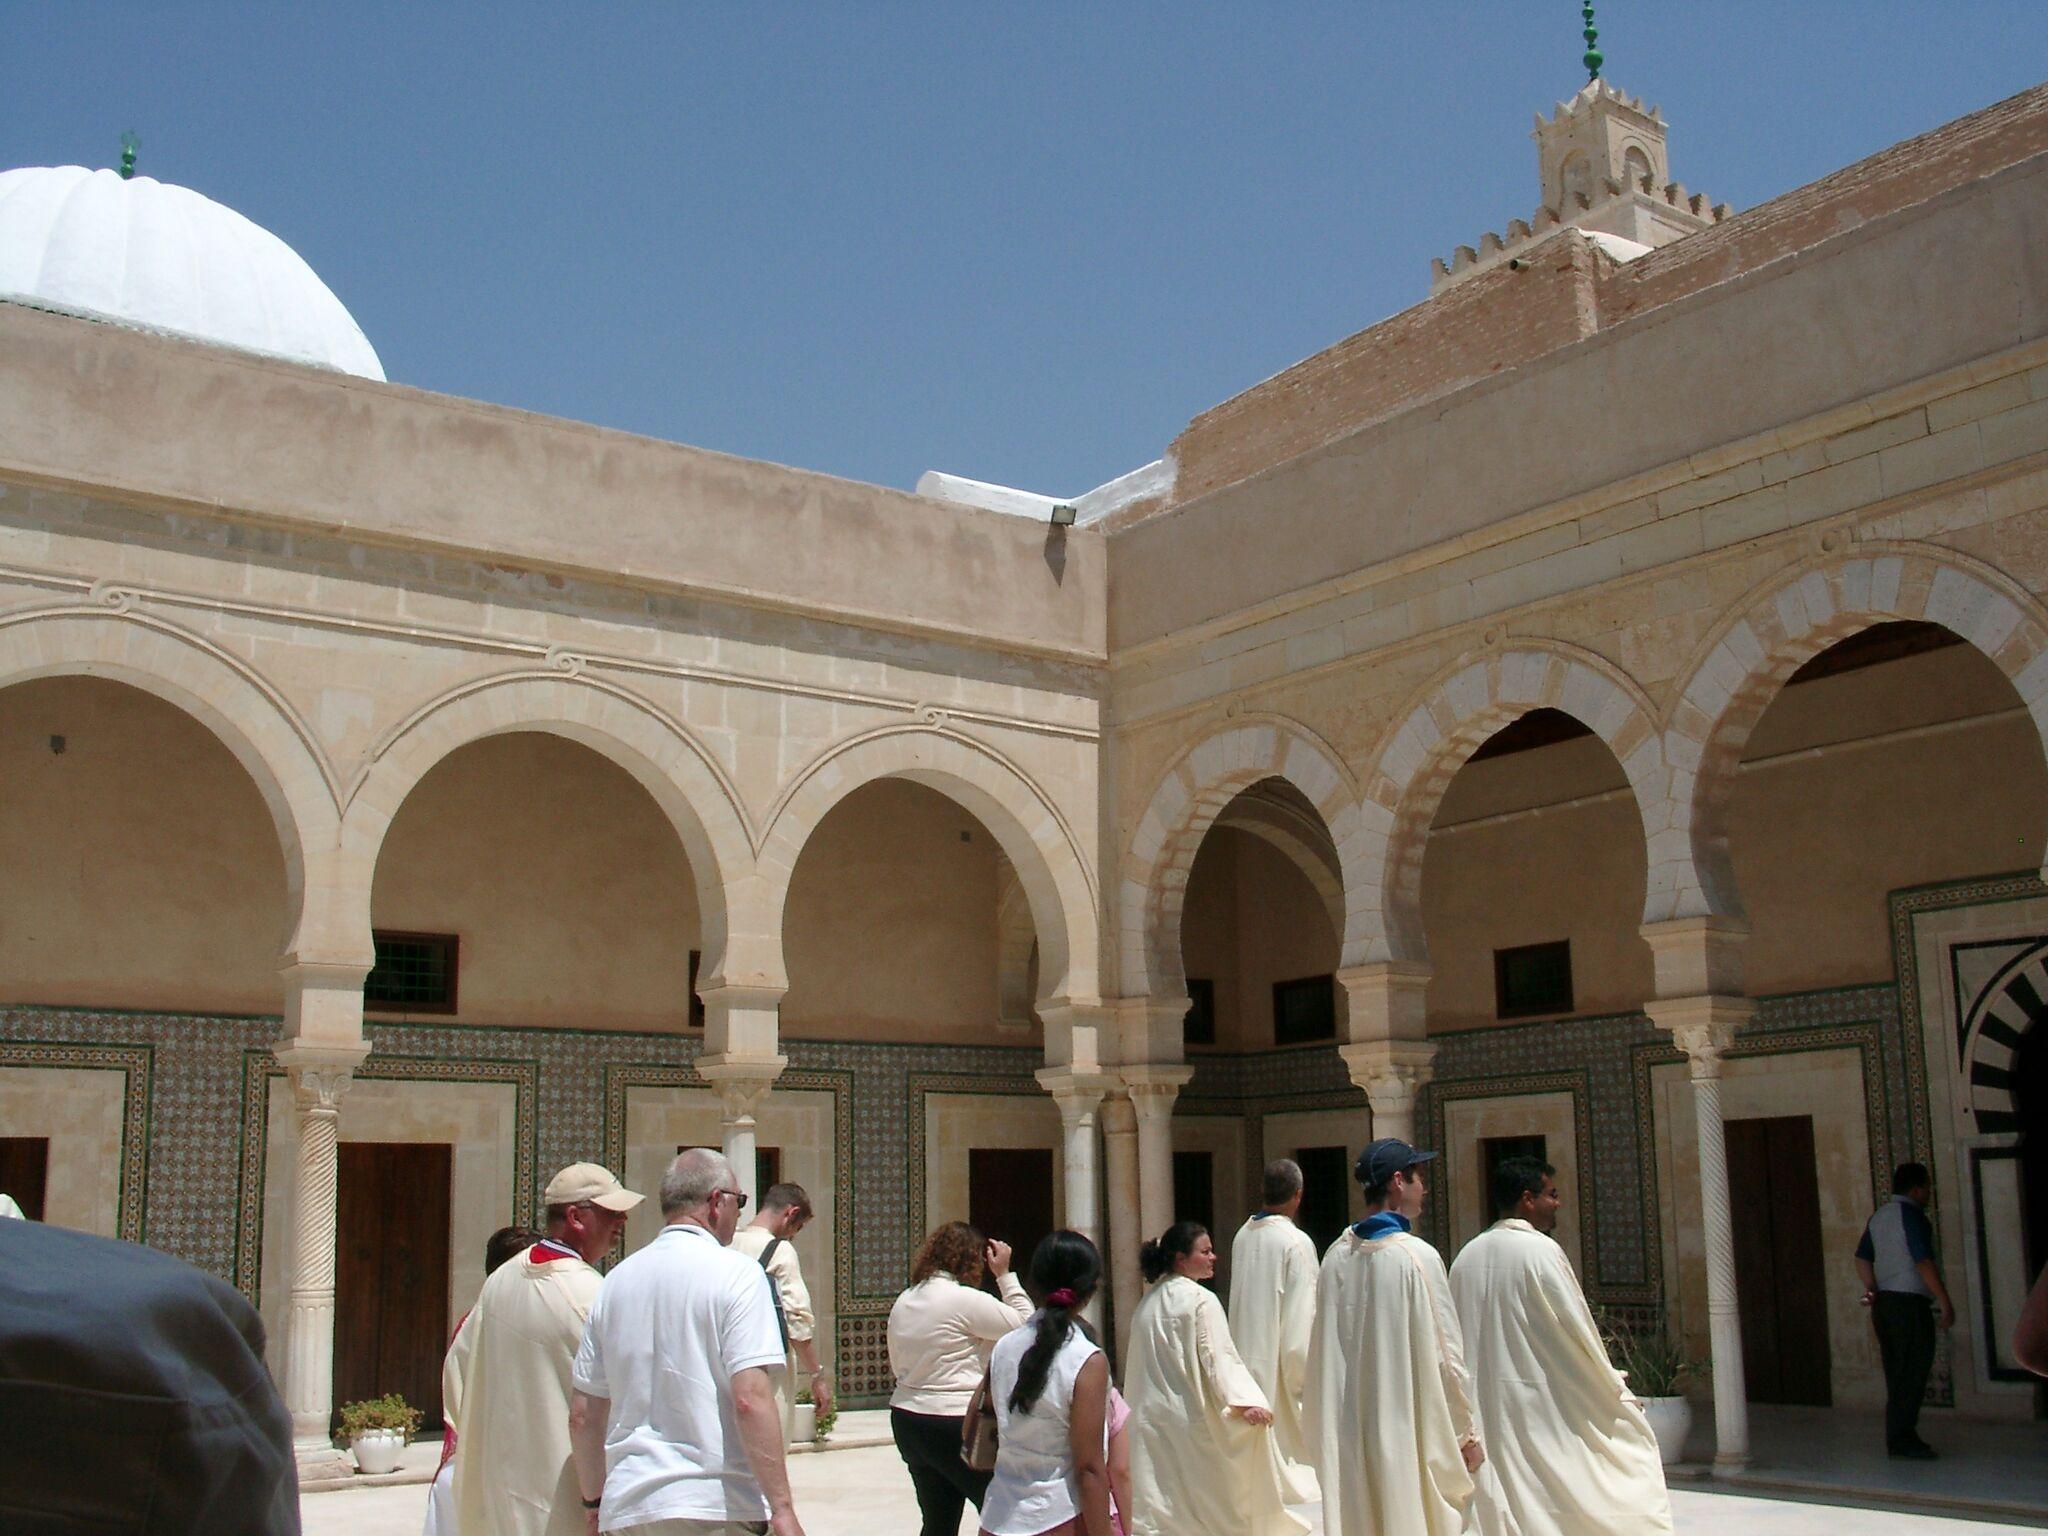 La Tunisie souhaite mettre l'accent sur sa culture et son patrimoine plutôt que sur les plages de sables blanc © JDL